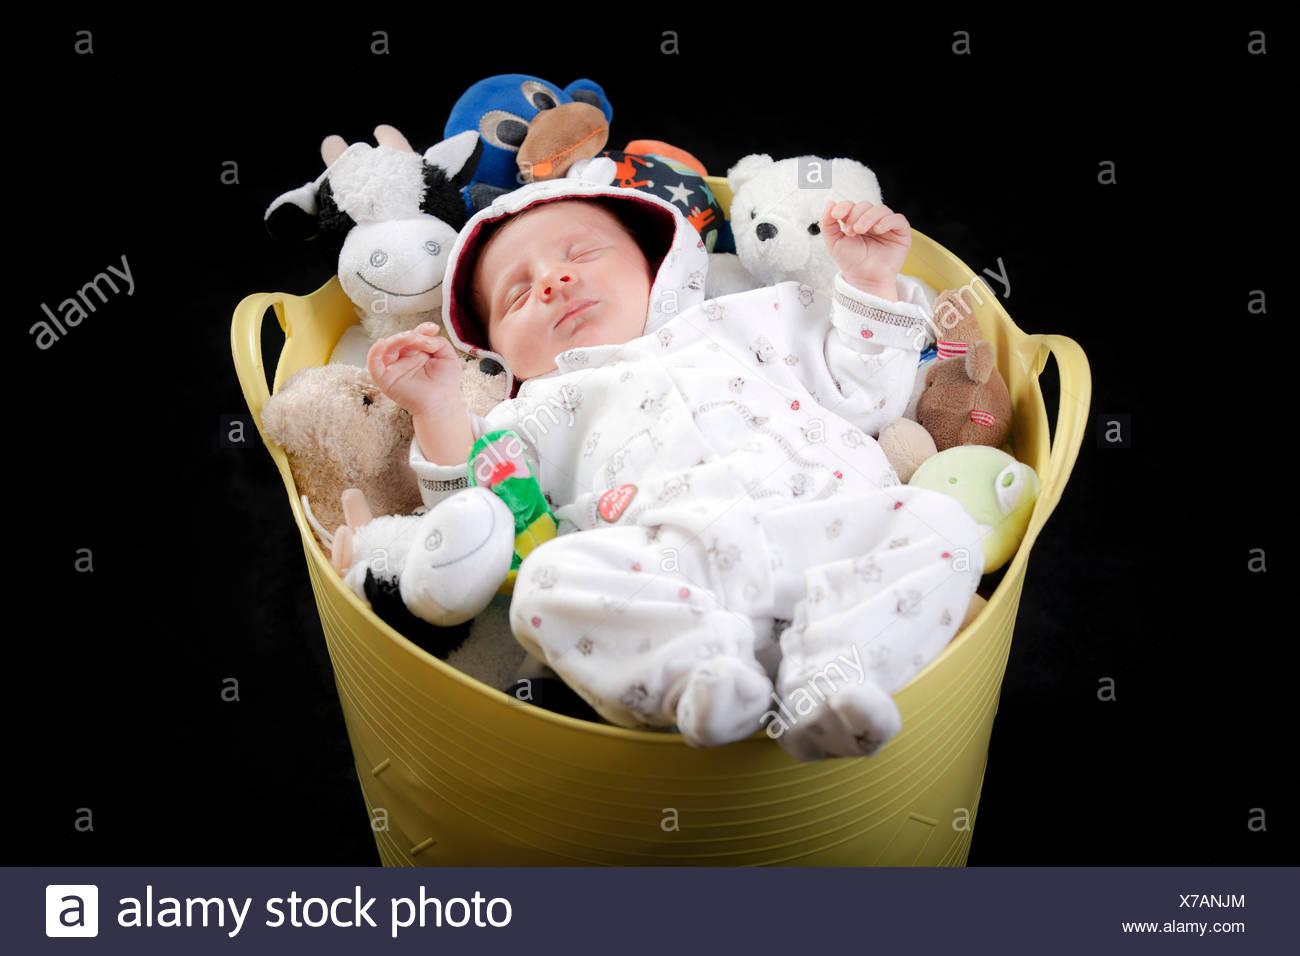 Il bambino dorme in un secchio pieno di animali imbalsamati Immagini Stock